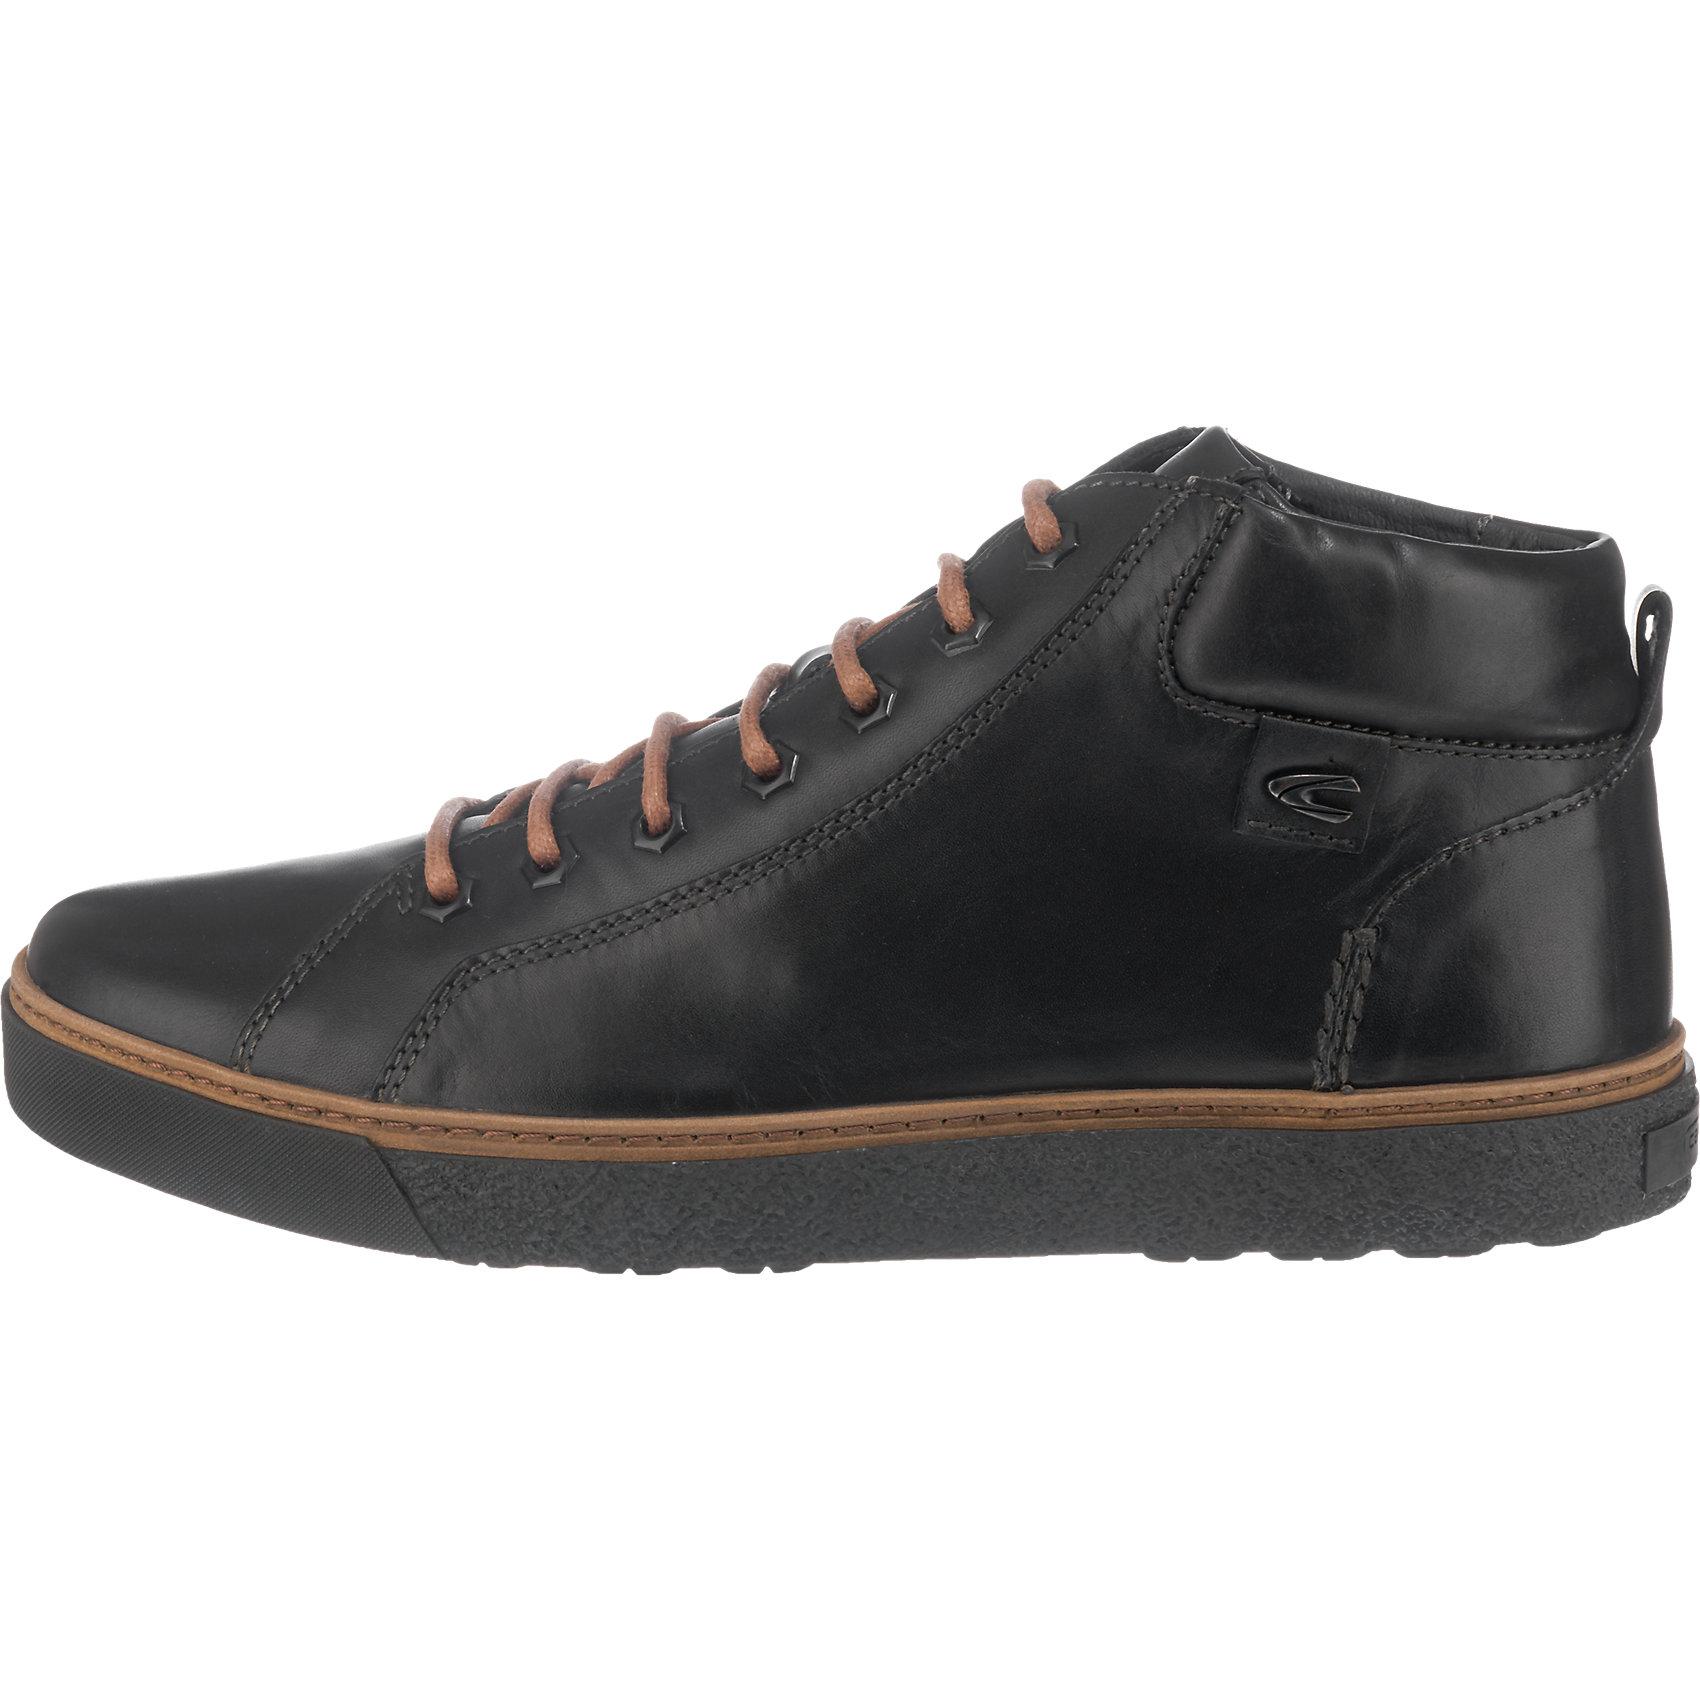 Neu camel 5778067 active Cricket 13 Sneakers 5778067 camel für Herren braun schwarz cae651